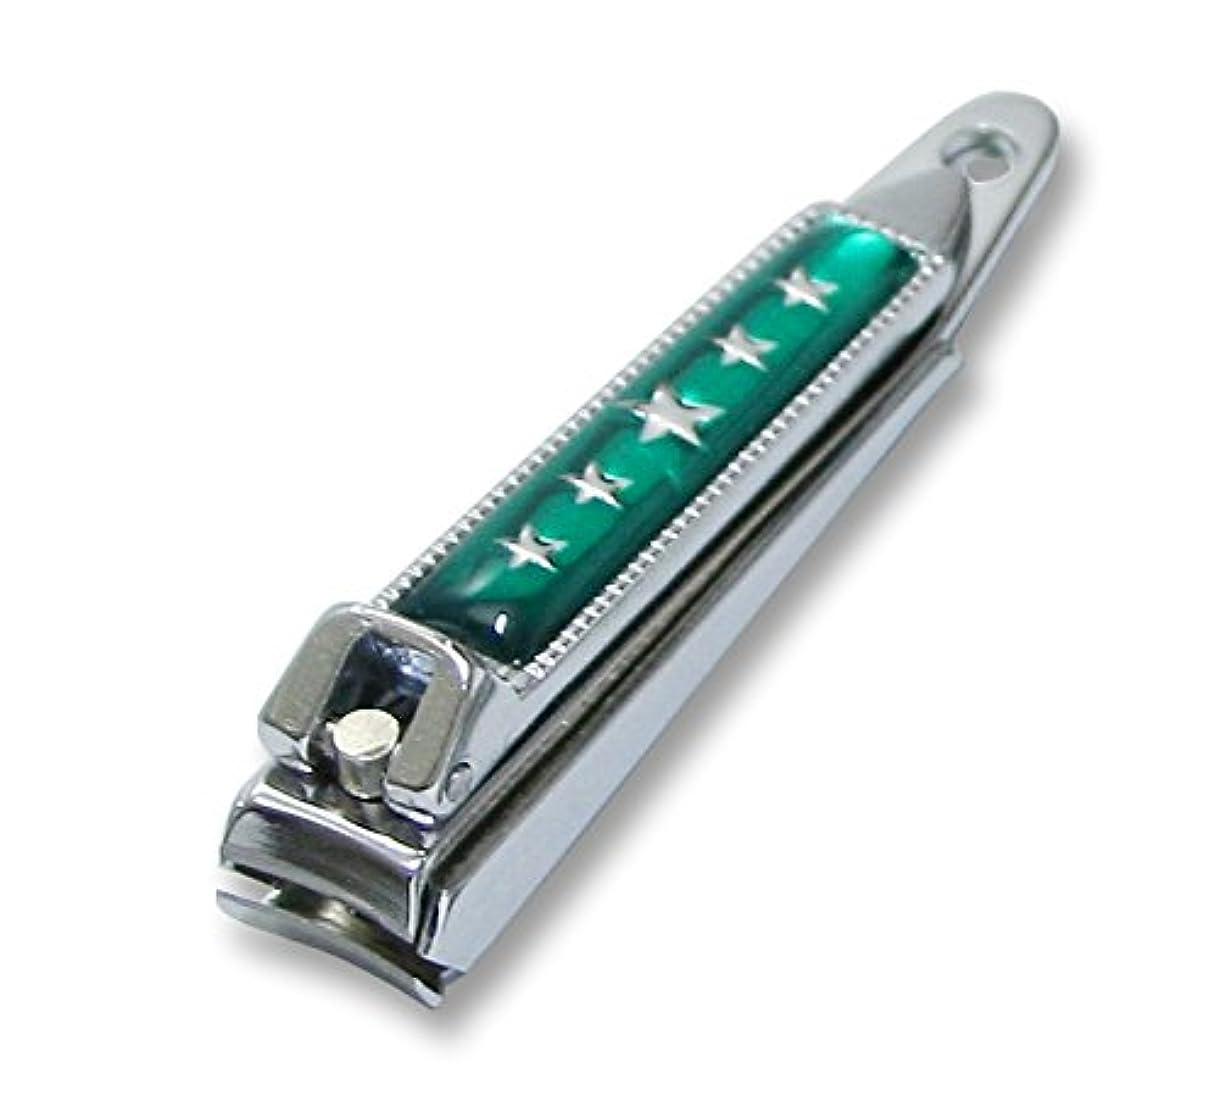 毛皮超えてホールドKC-052GR 関の刃物 関兼常 チラーヌ爪切 小 緑